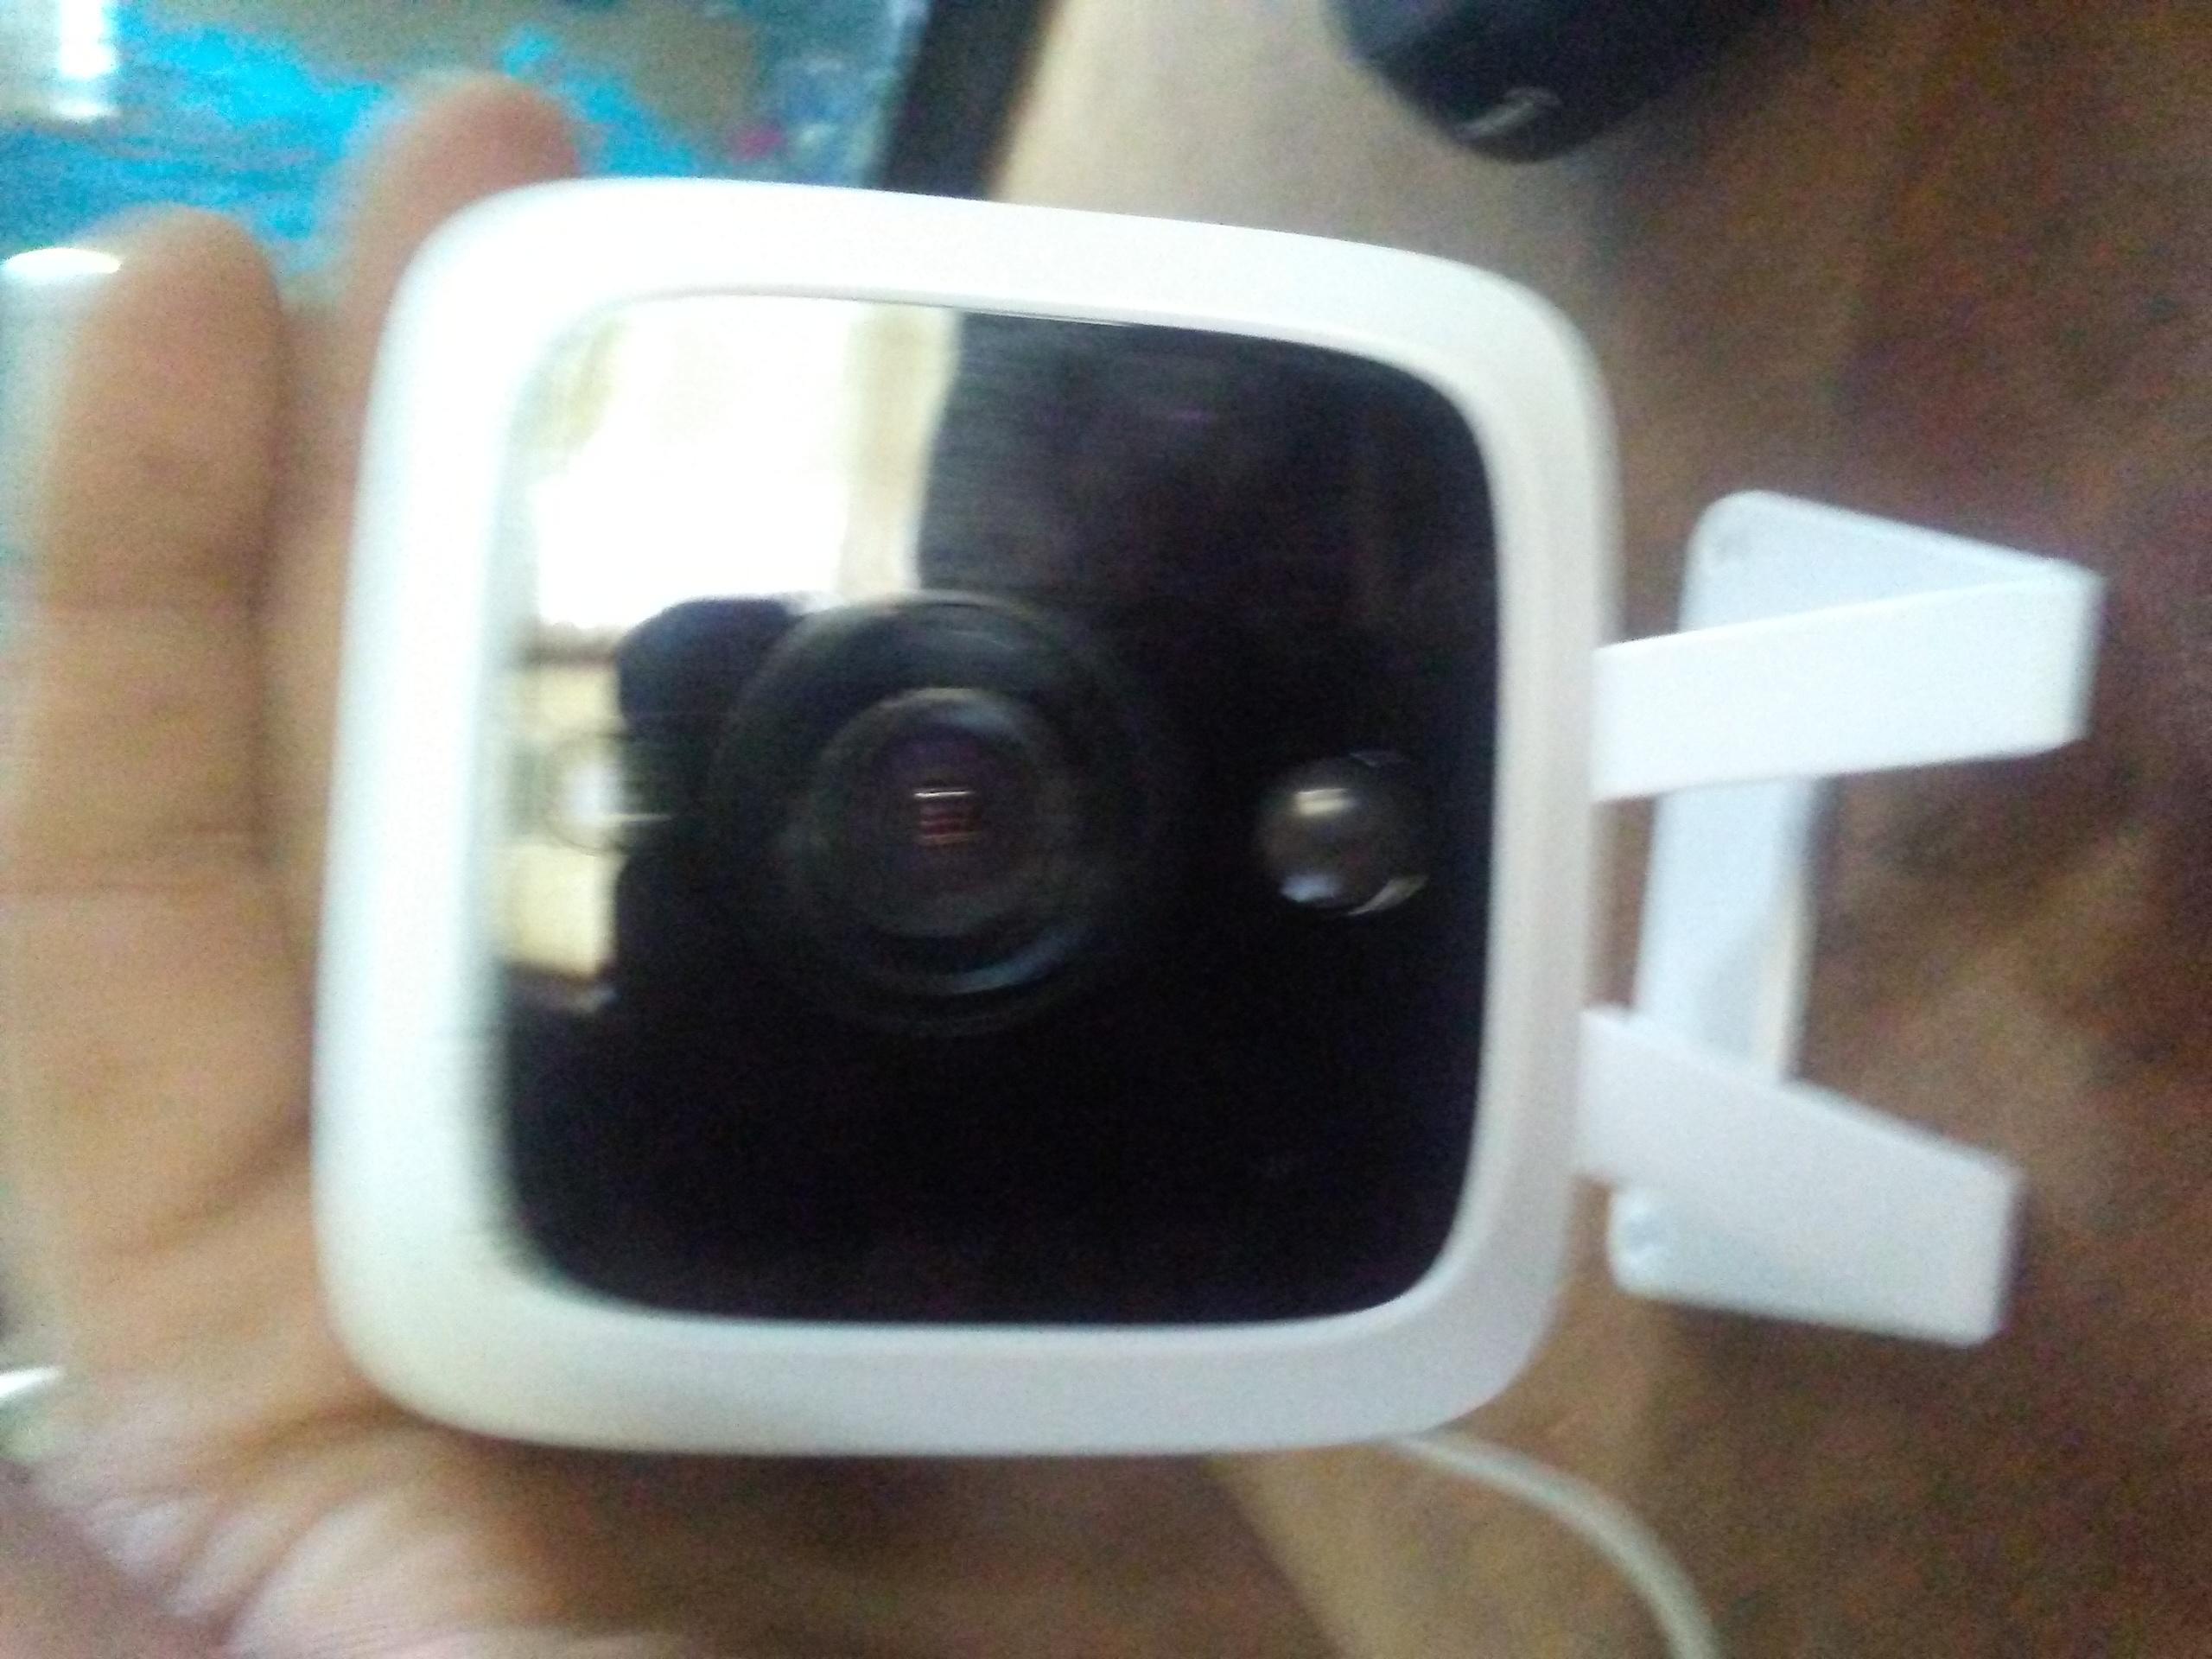 Lowe's security camera